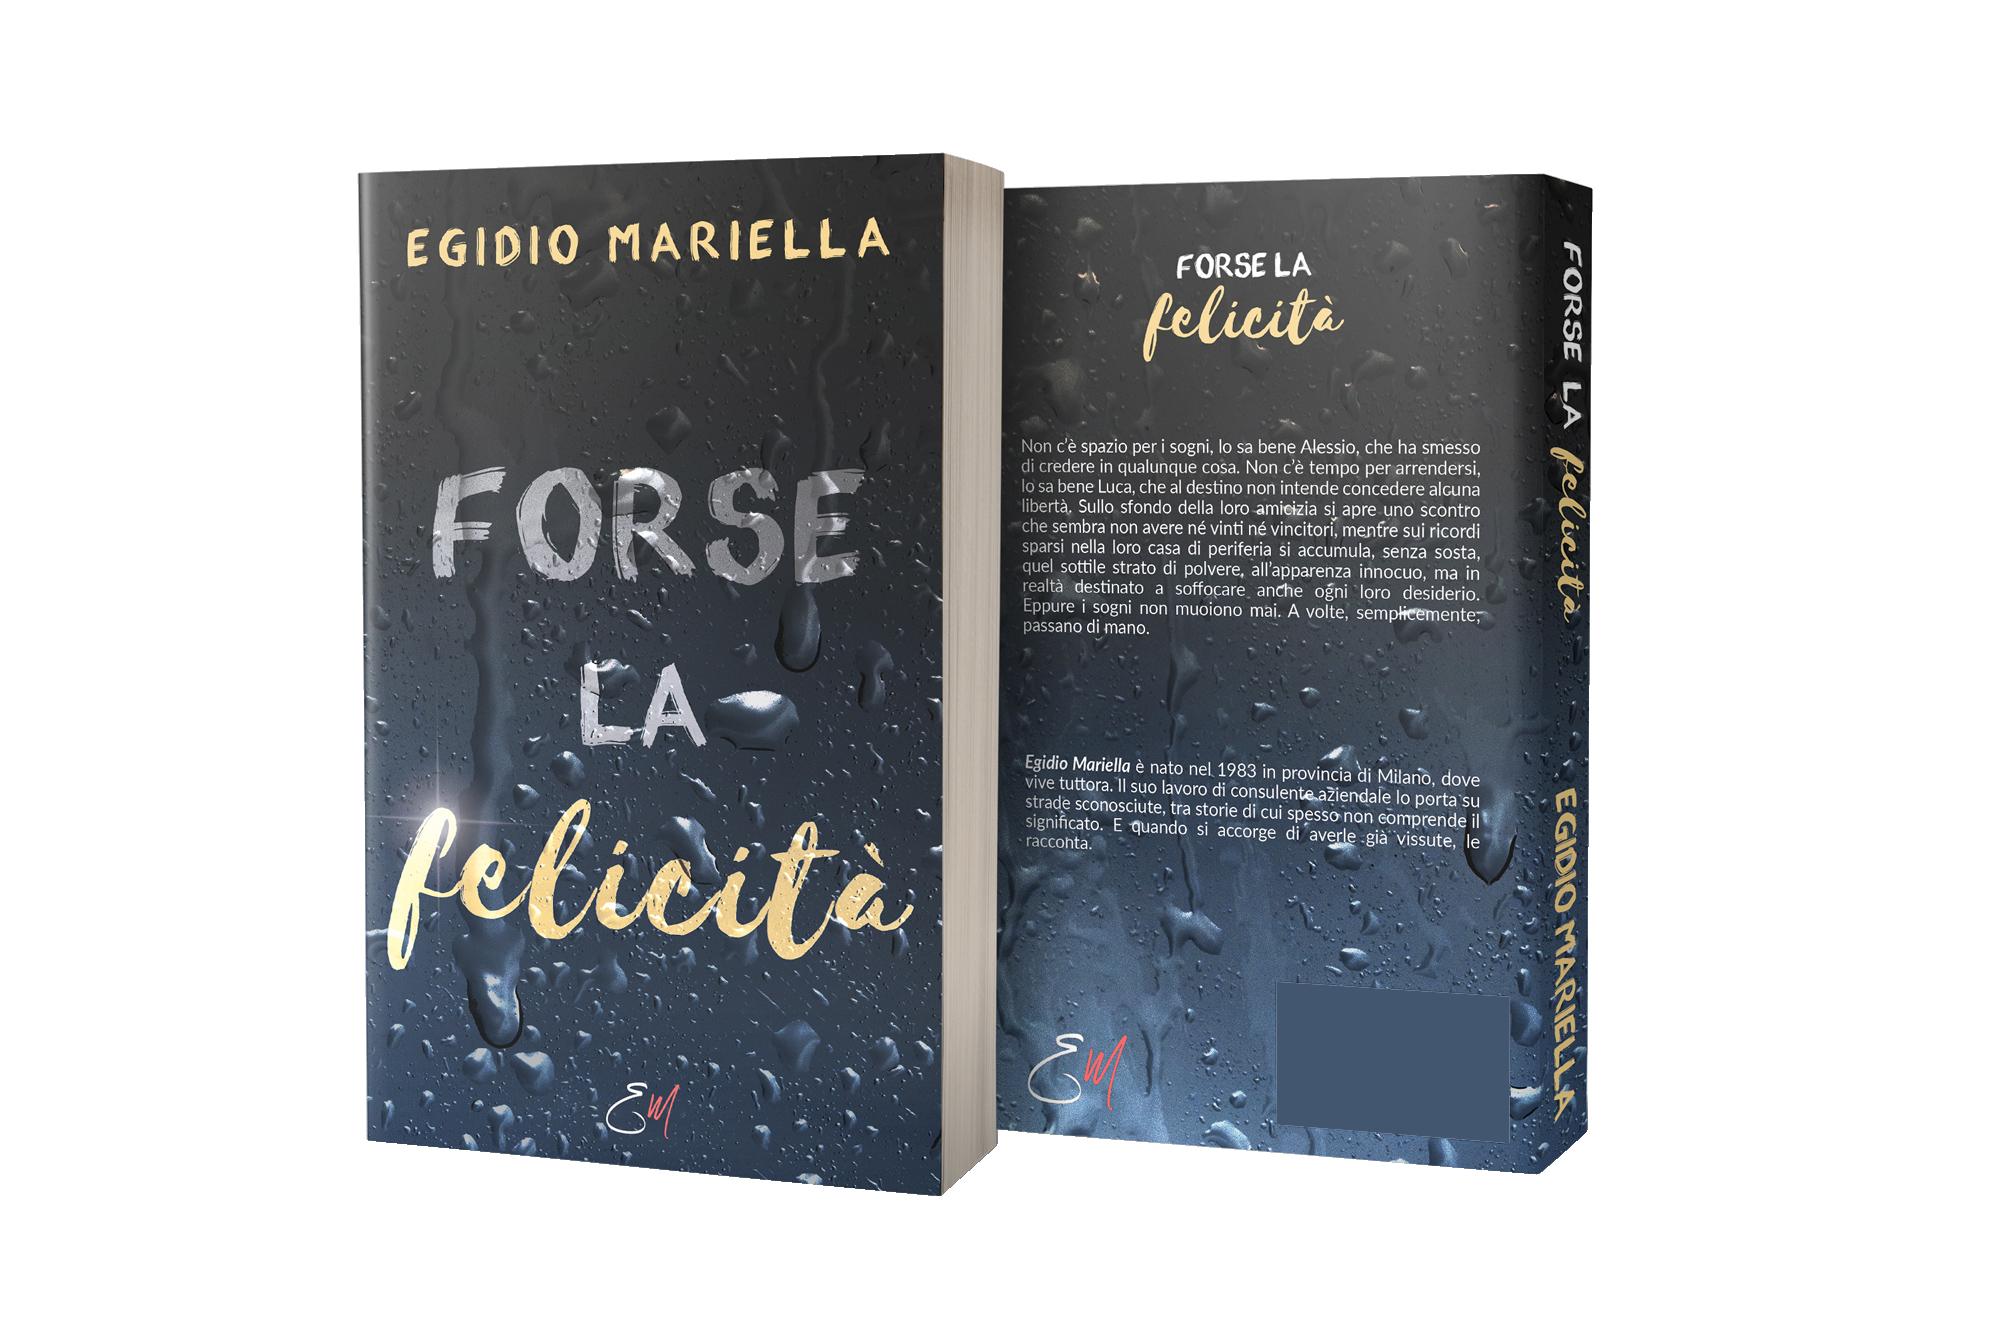 Egidio Mariella - Forse la felicità - Il romanzo.png